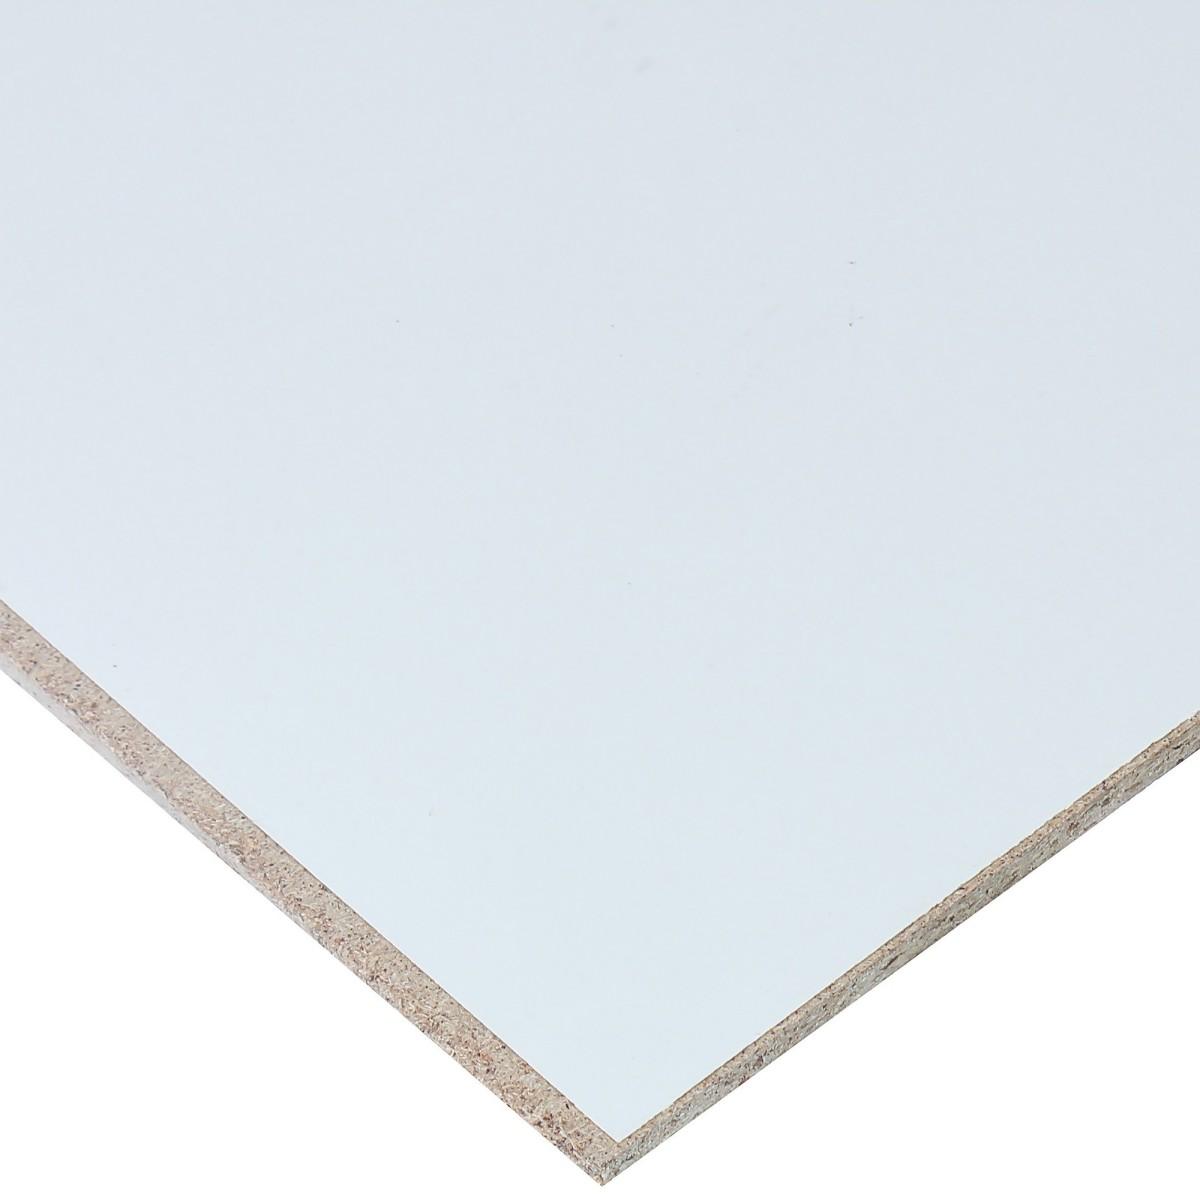 Стеновая панель №1000 244х65.5х0.6 см МДФ цвет матовый белый